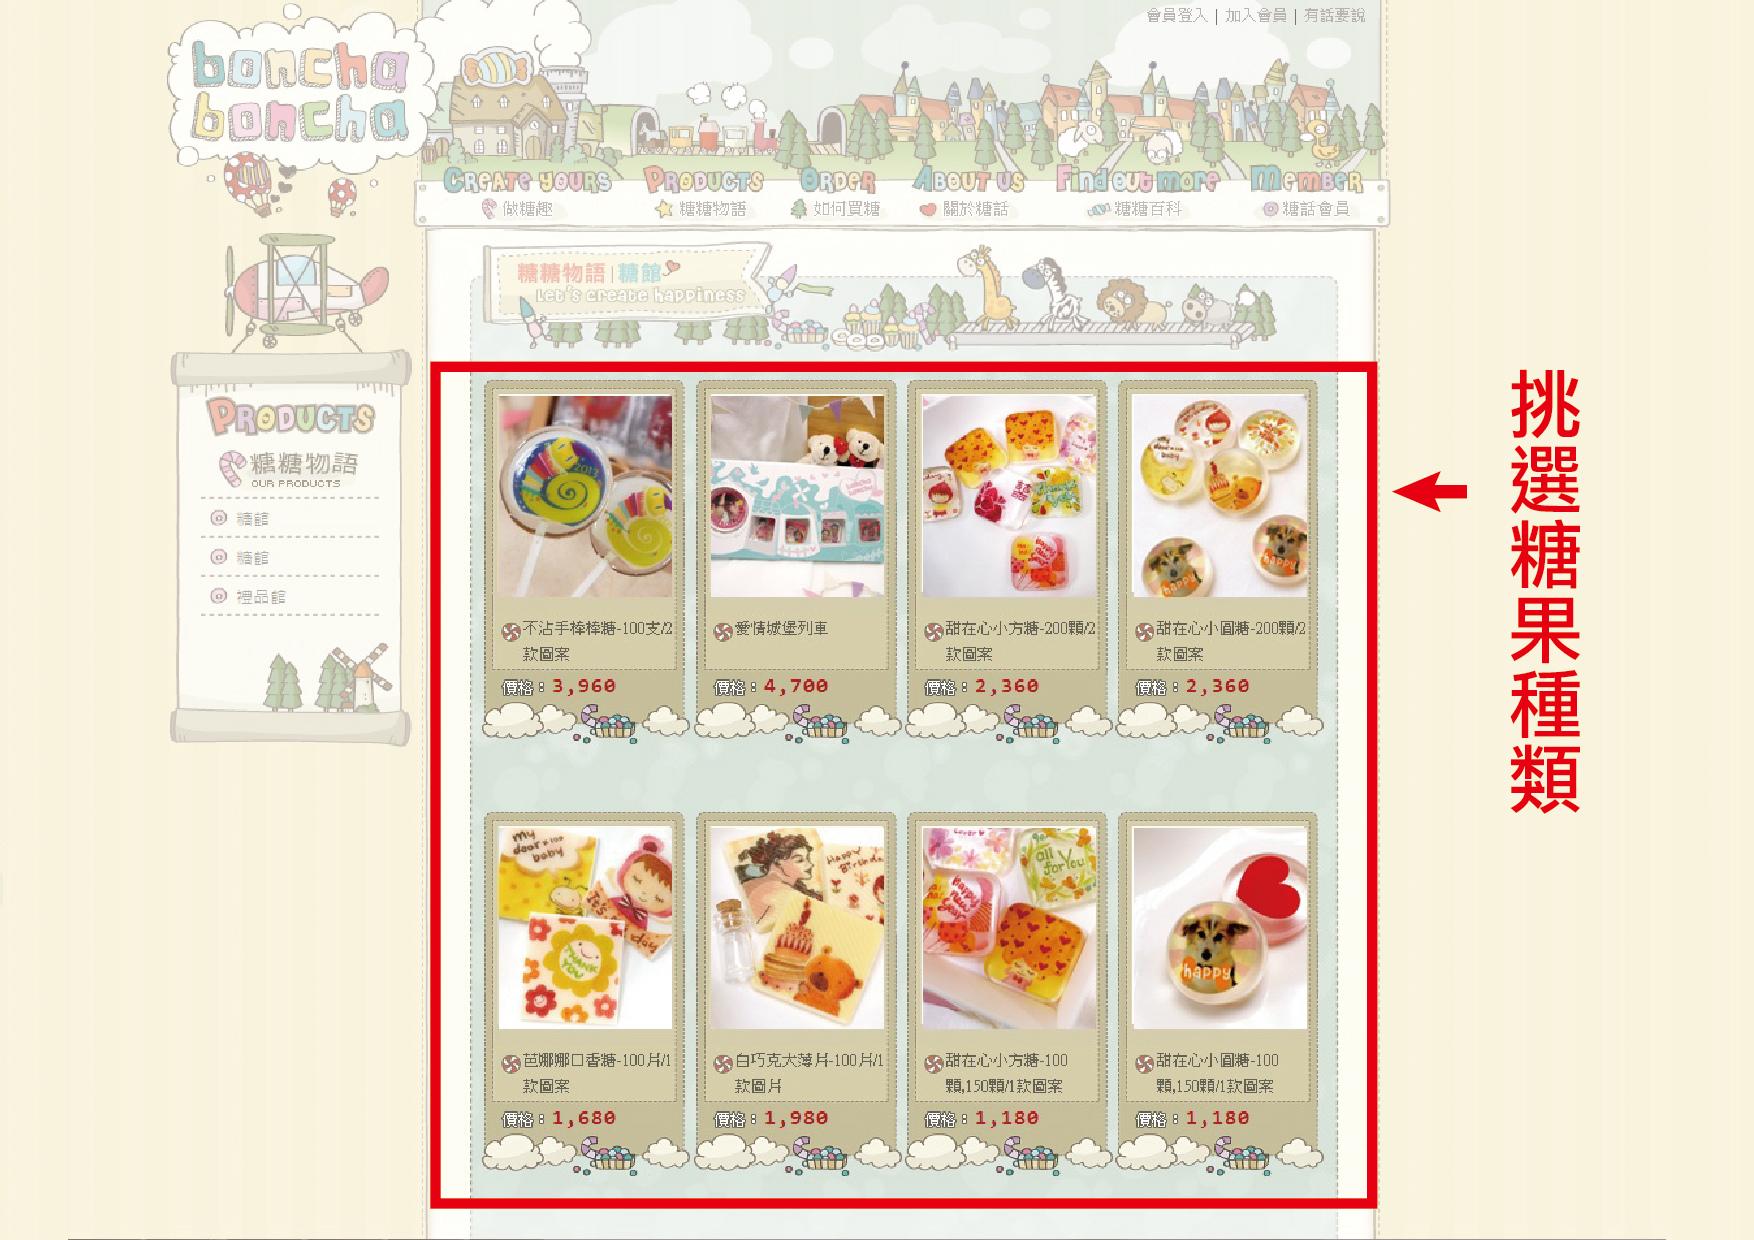 線上訂購指南-2.jpg